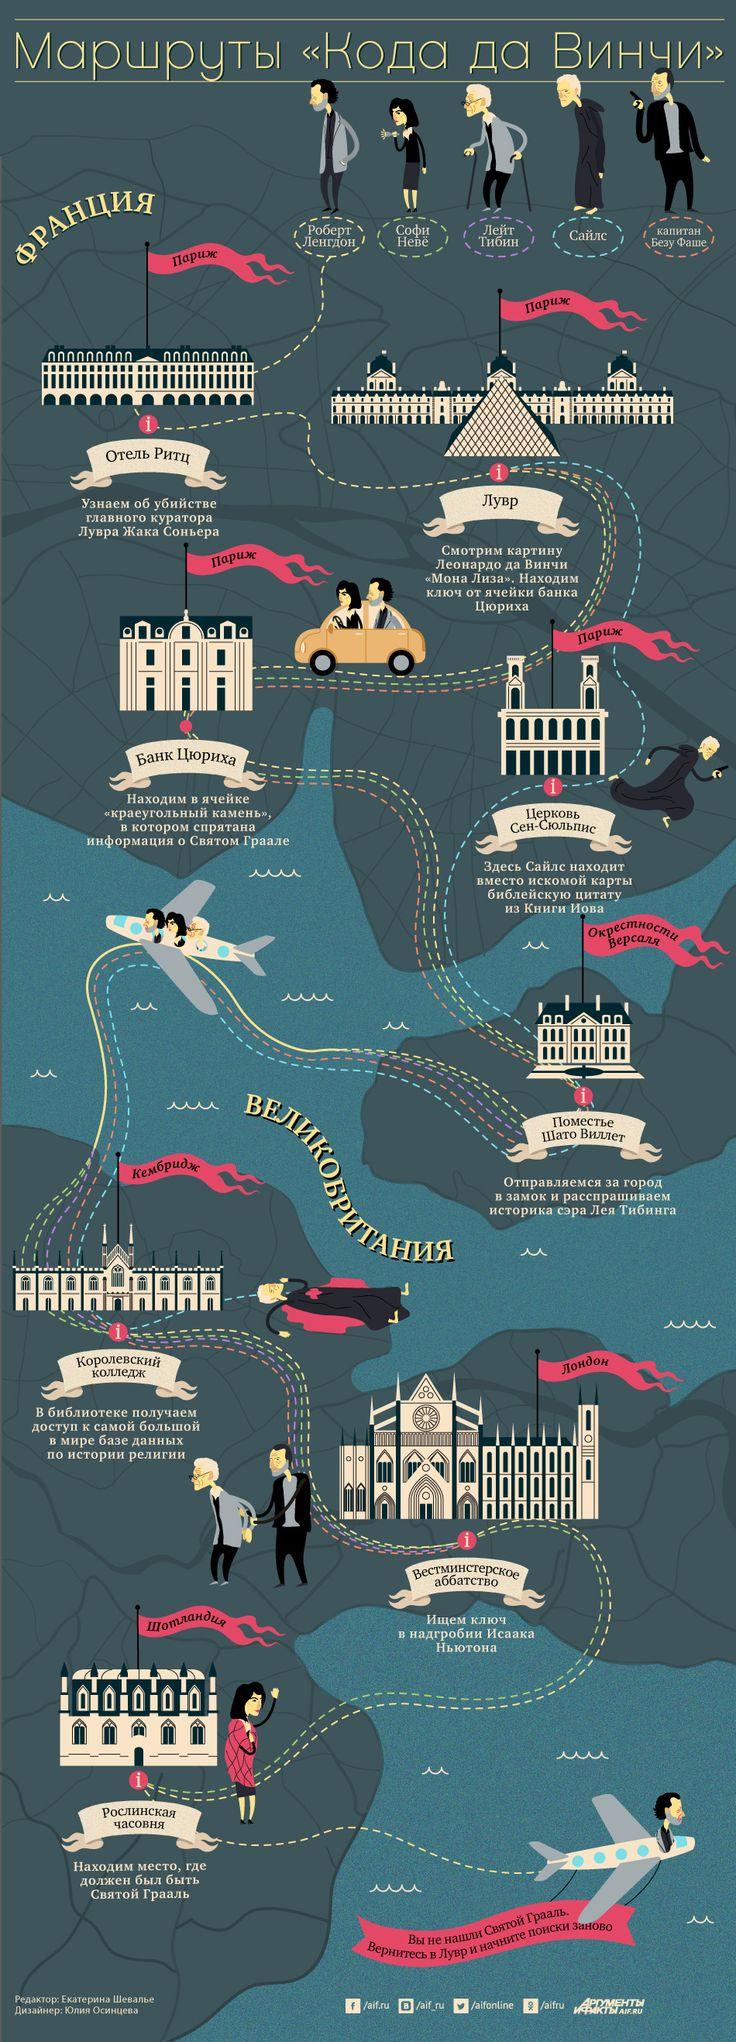 По следам Дэна Брауна: что посетить в Париже и Лондоне? Инфографика | Книги | Культура | Аргументы и Факты